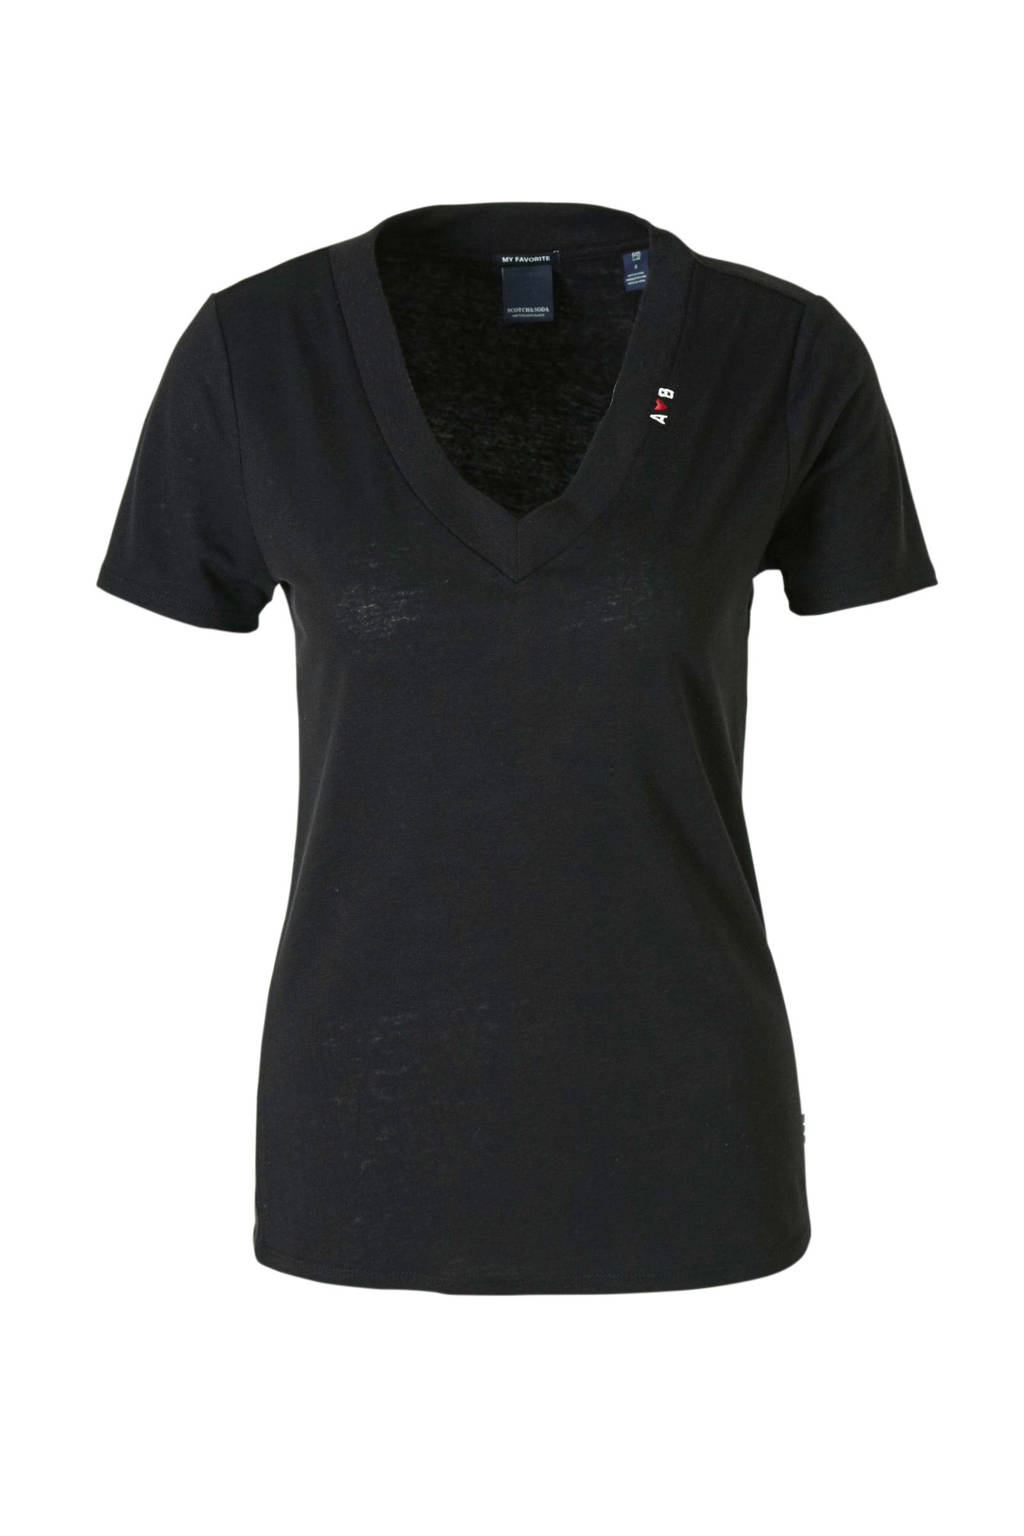 Scotch & Soda T-shirt met linnen zwart, Zwart